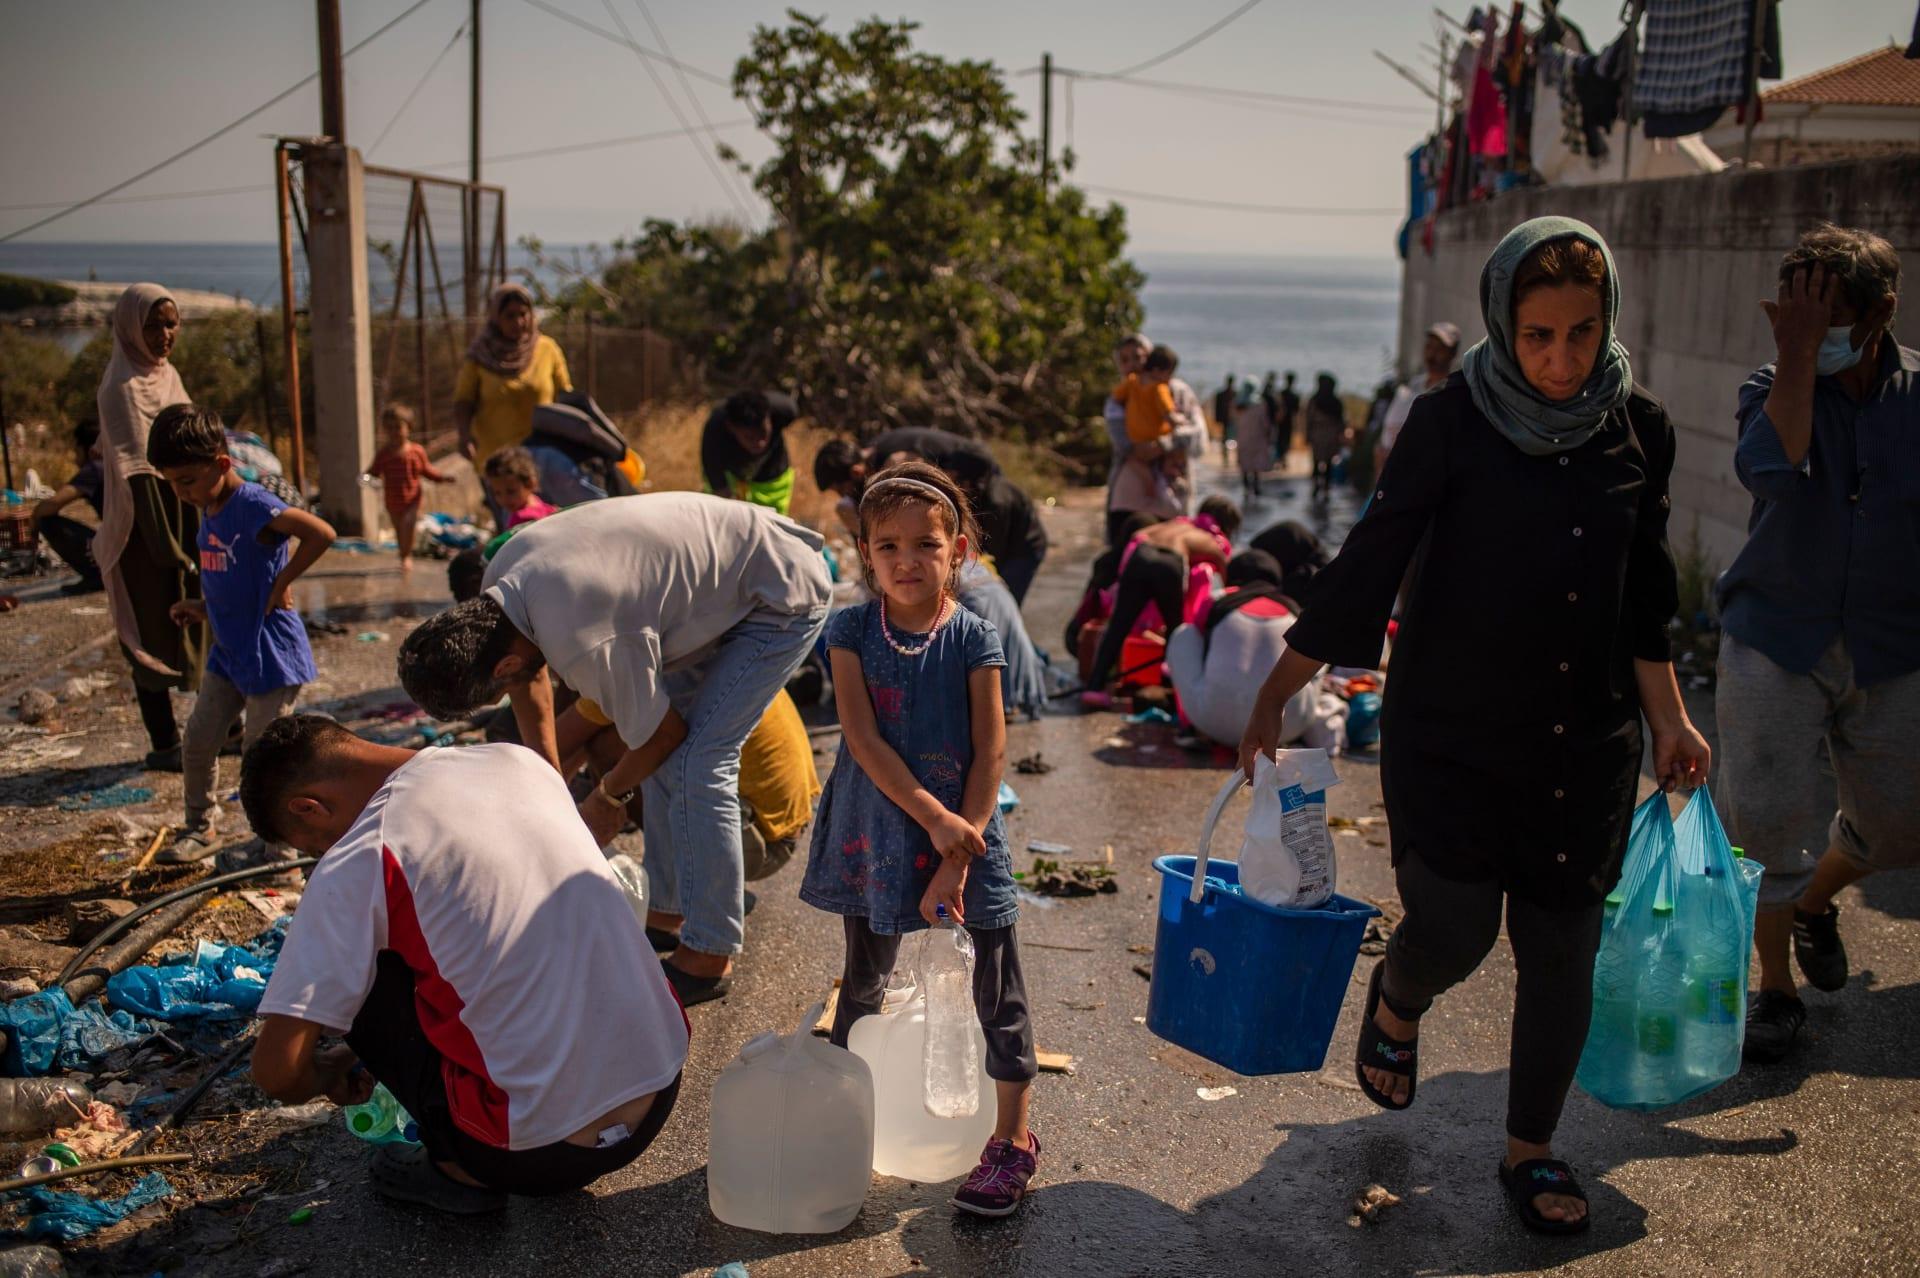 مسؤولة في الأمم المتحدة: ملايين النساء يتحملن عبء أزمة كورونا الأكب